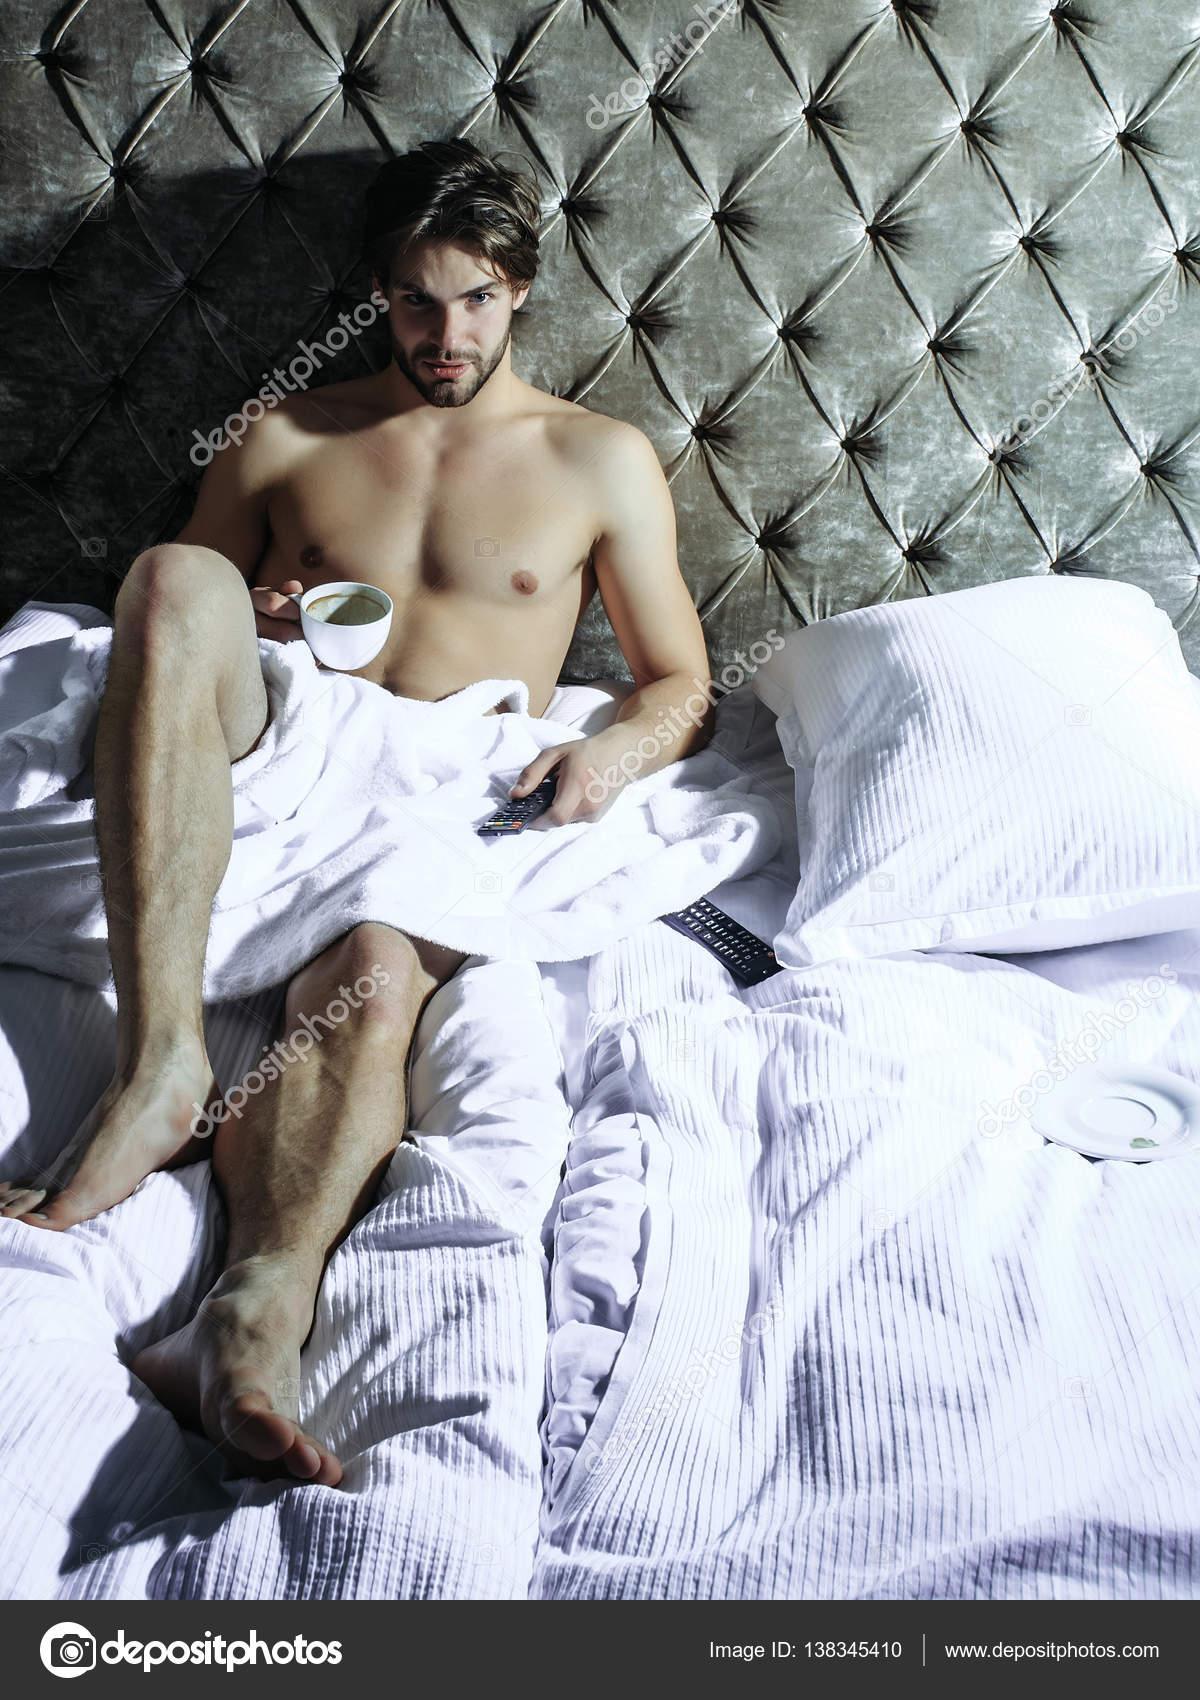 membri bărbați penisează băieți